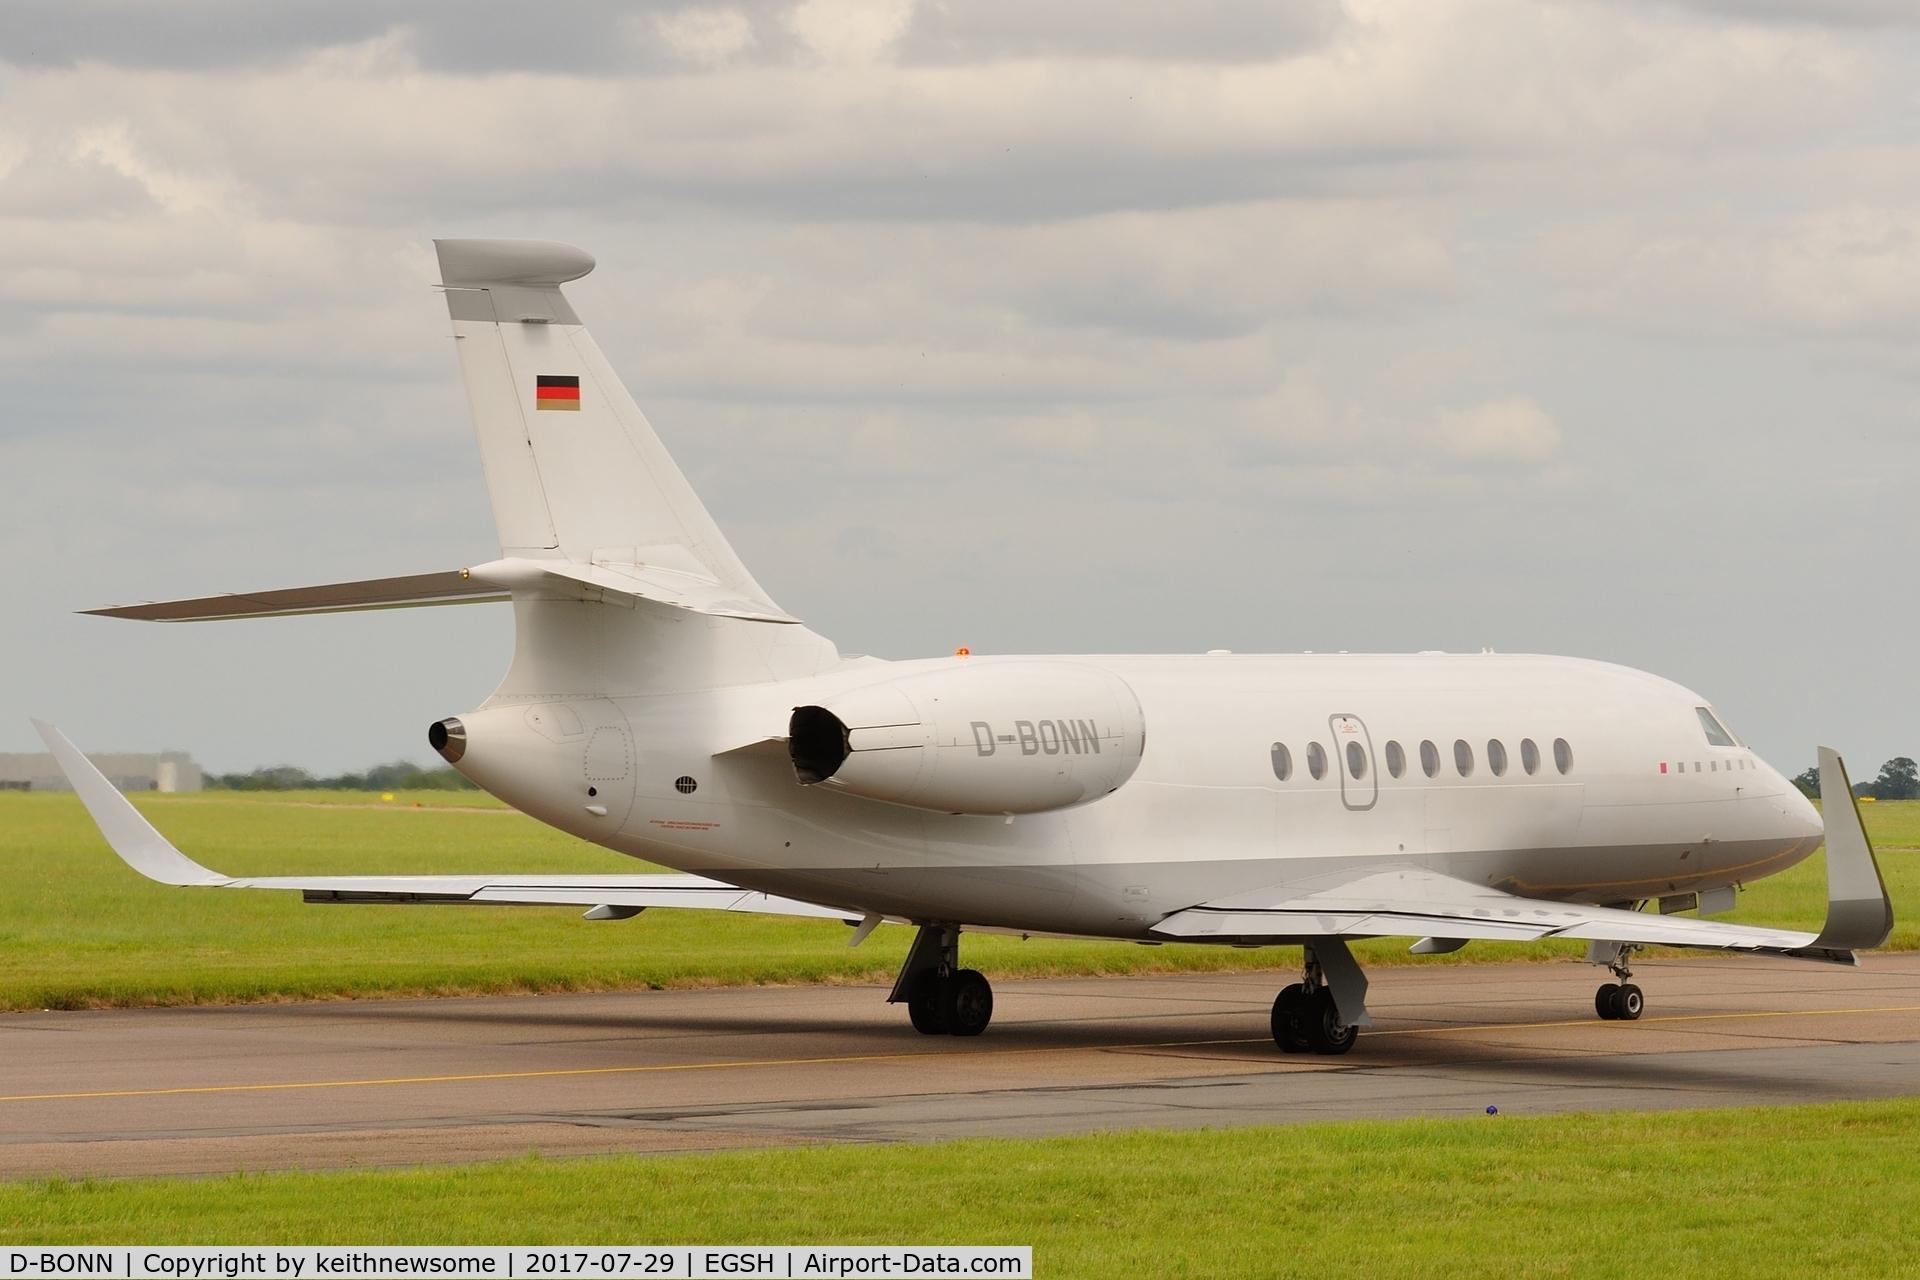 D-BONN, 2007 Dassault Falcon 2000EX C/N 118, Leaving for Cologne / Bonn.